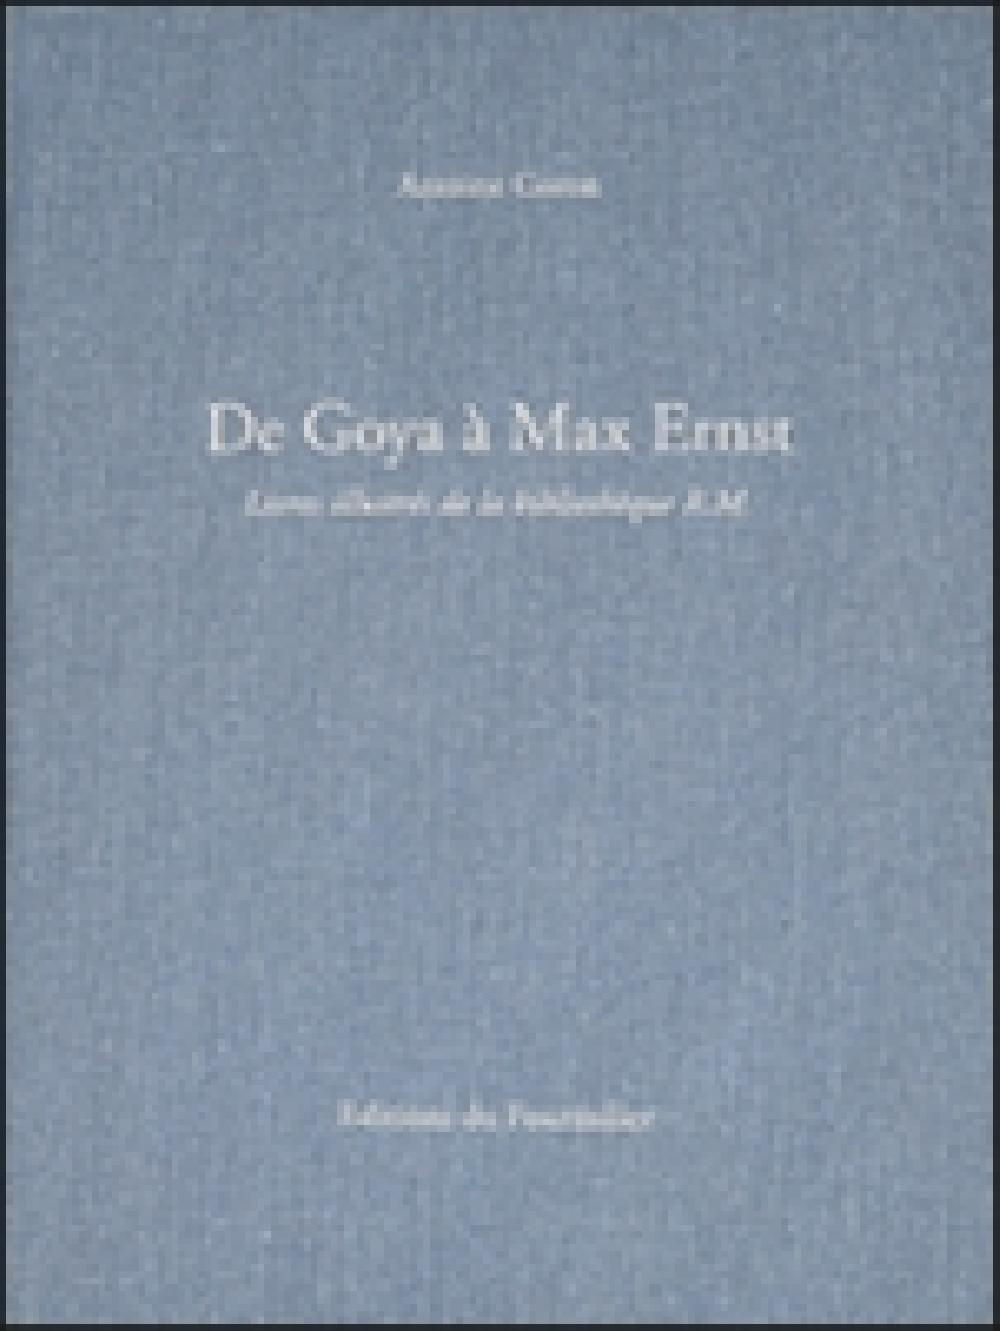 De Goya à Max Ernst - Livres illustrés de la bibliothèque R.M.